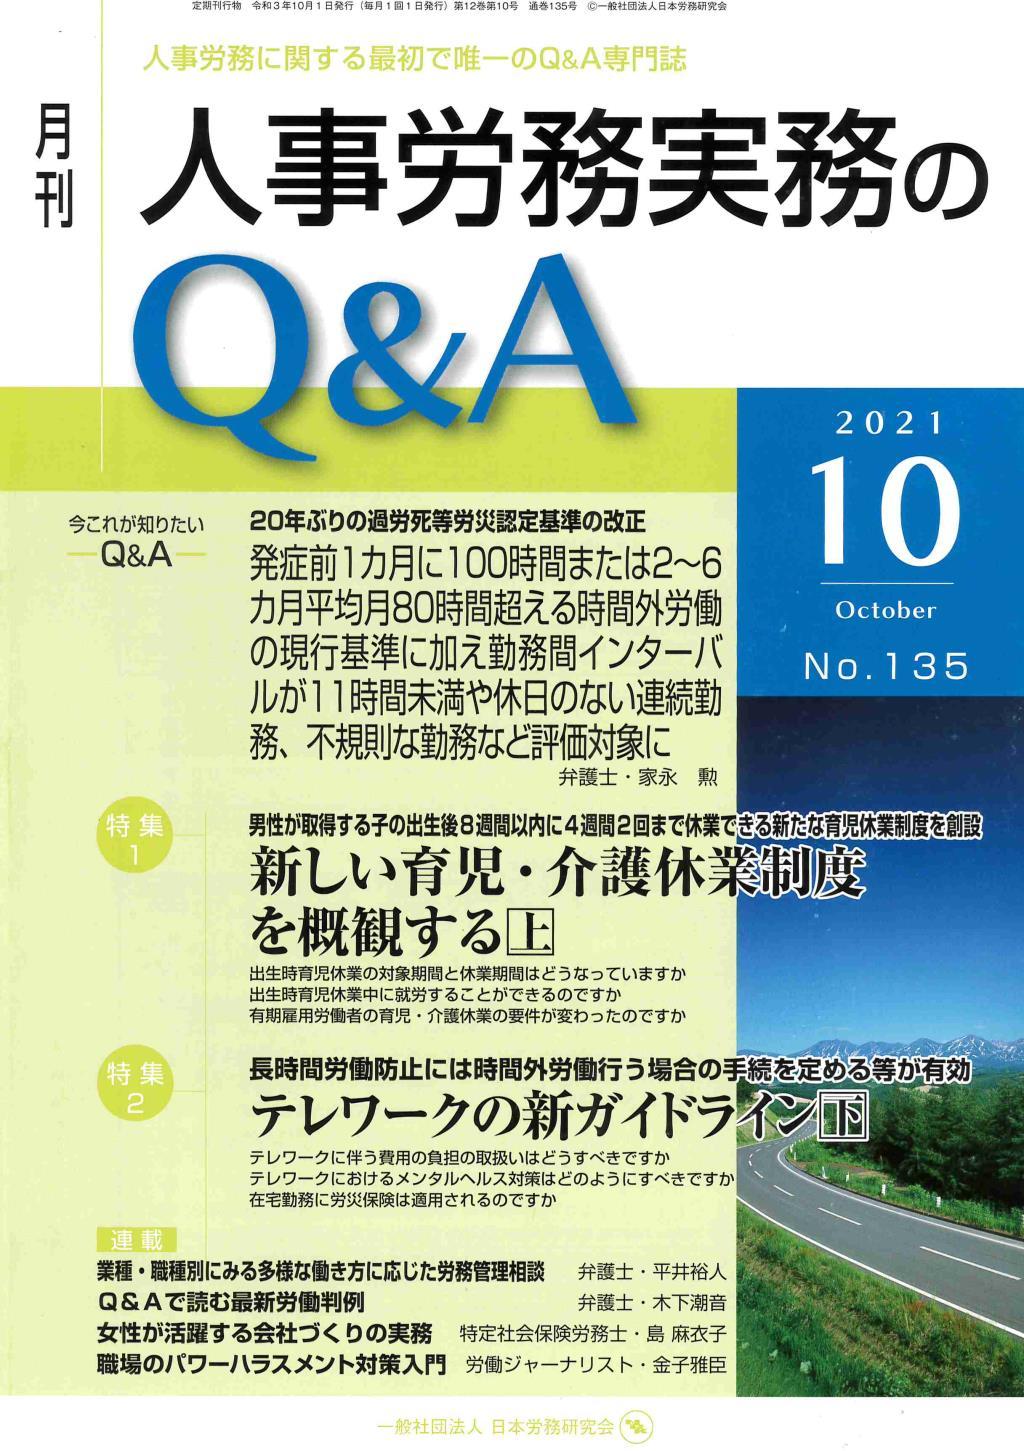 月刊 人事労務実務のQ&A 2021年10月号 No.135